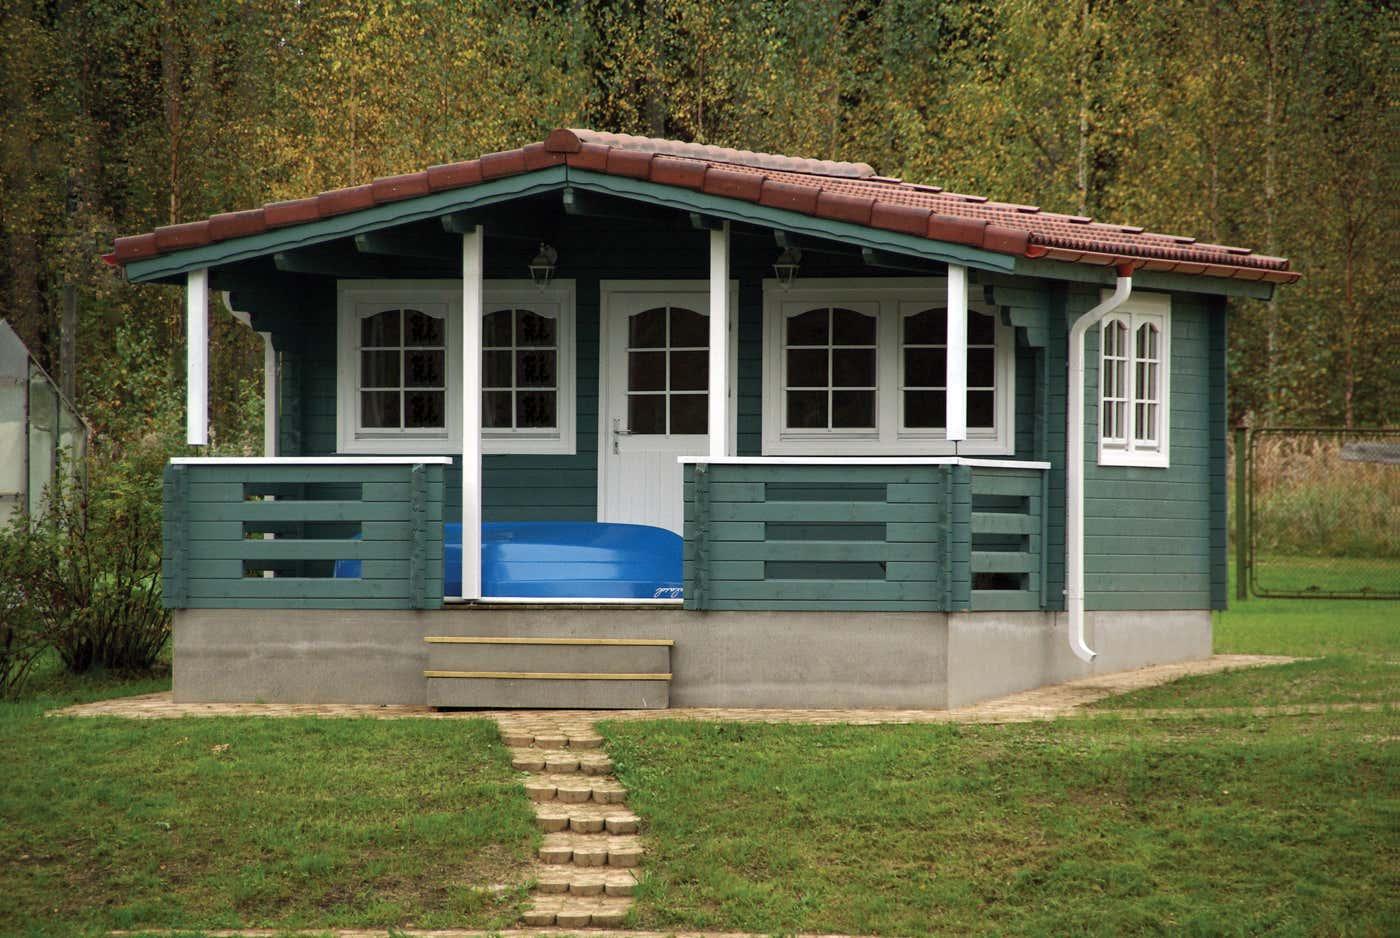 gartenhaus mit terrasse gebraucht innenr ume und m bel ideen. Black Bedroom Furniture Sets. Home Design Ideas